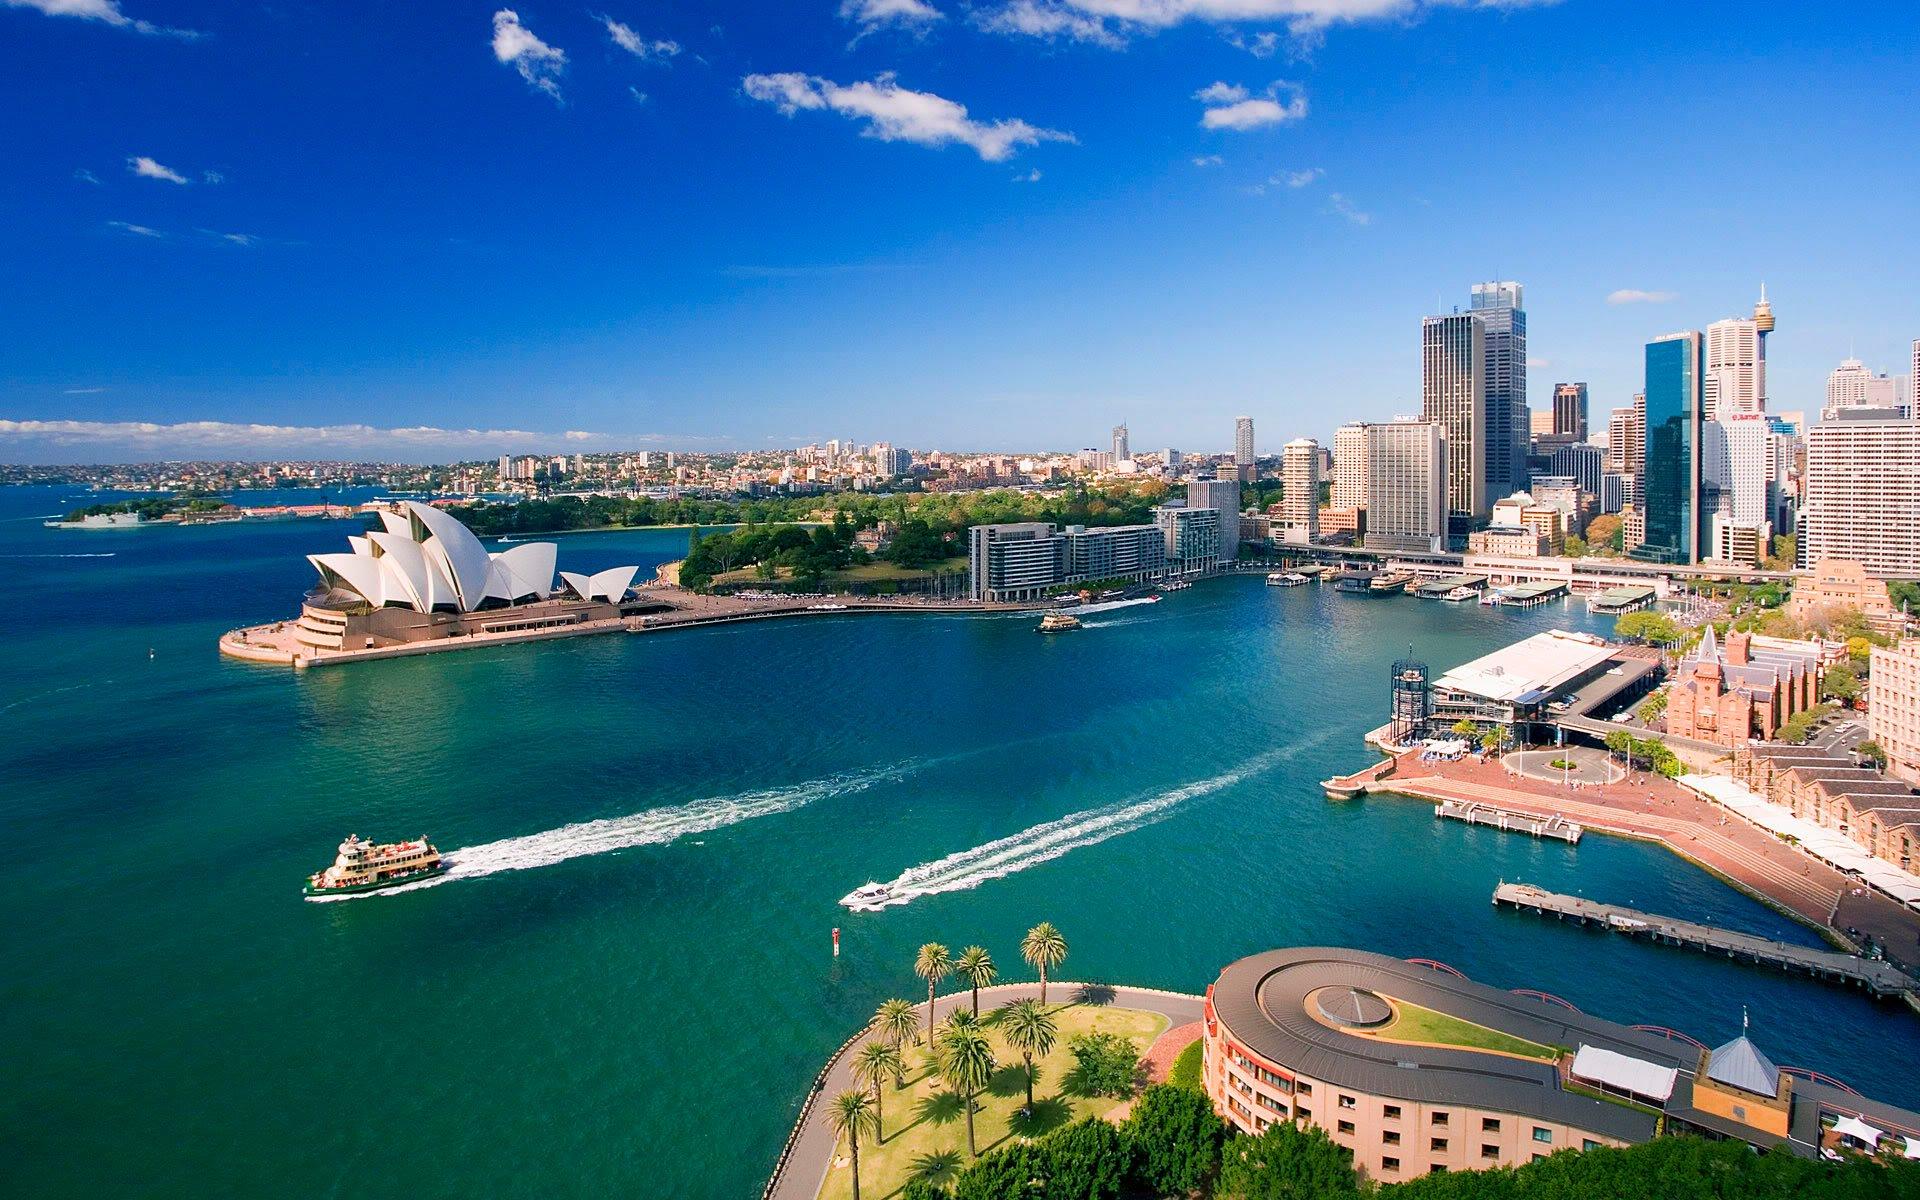 45 địa điểm du lịch nước ngoài với giá chỉ từ 3 triệu - P4